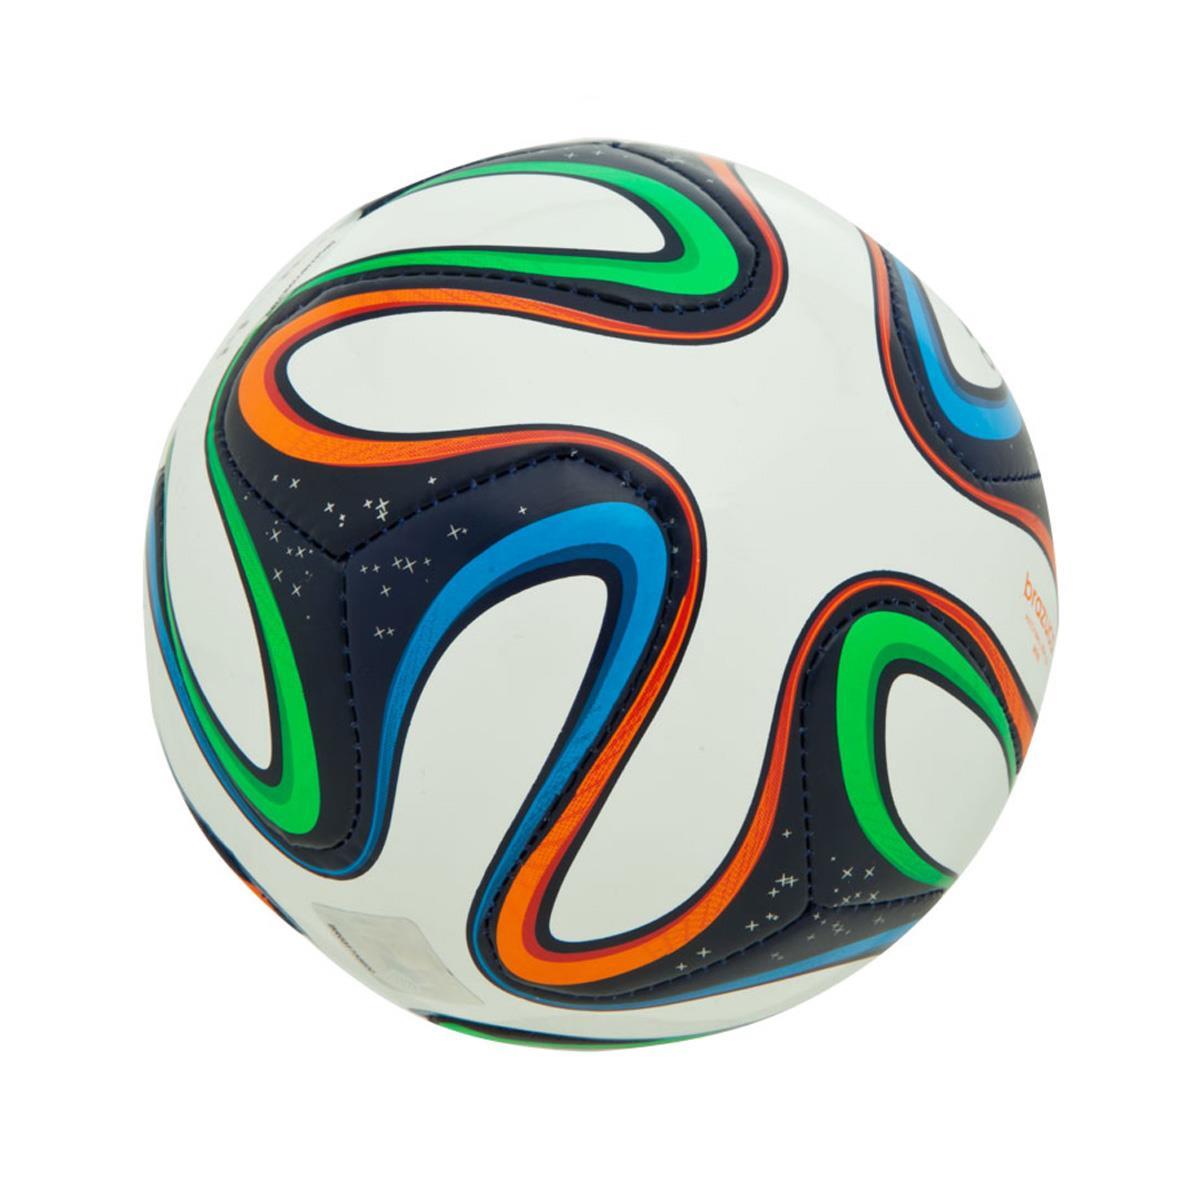 2b4e95a9cef35 Mini Bola Adidas Copa do Mundo Brazuca '14